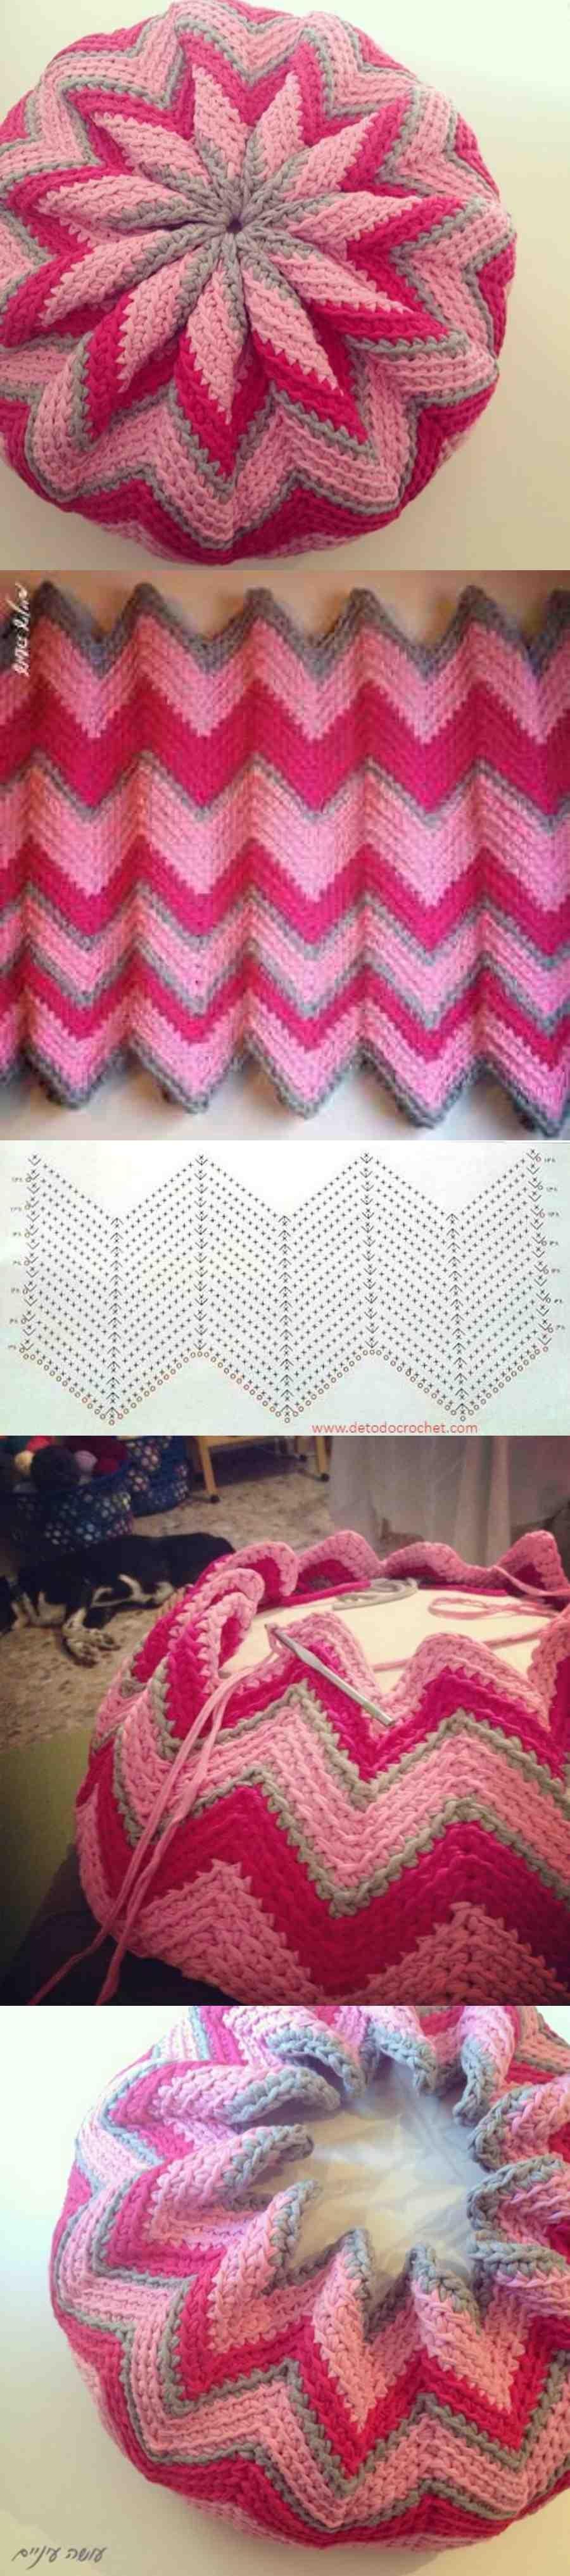 Como fazer o crochê zig-zag virar estrela  - www.defrenteparaomar.com